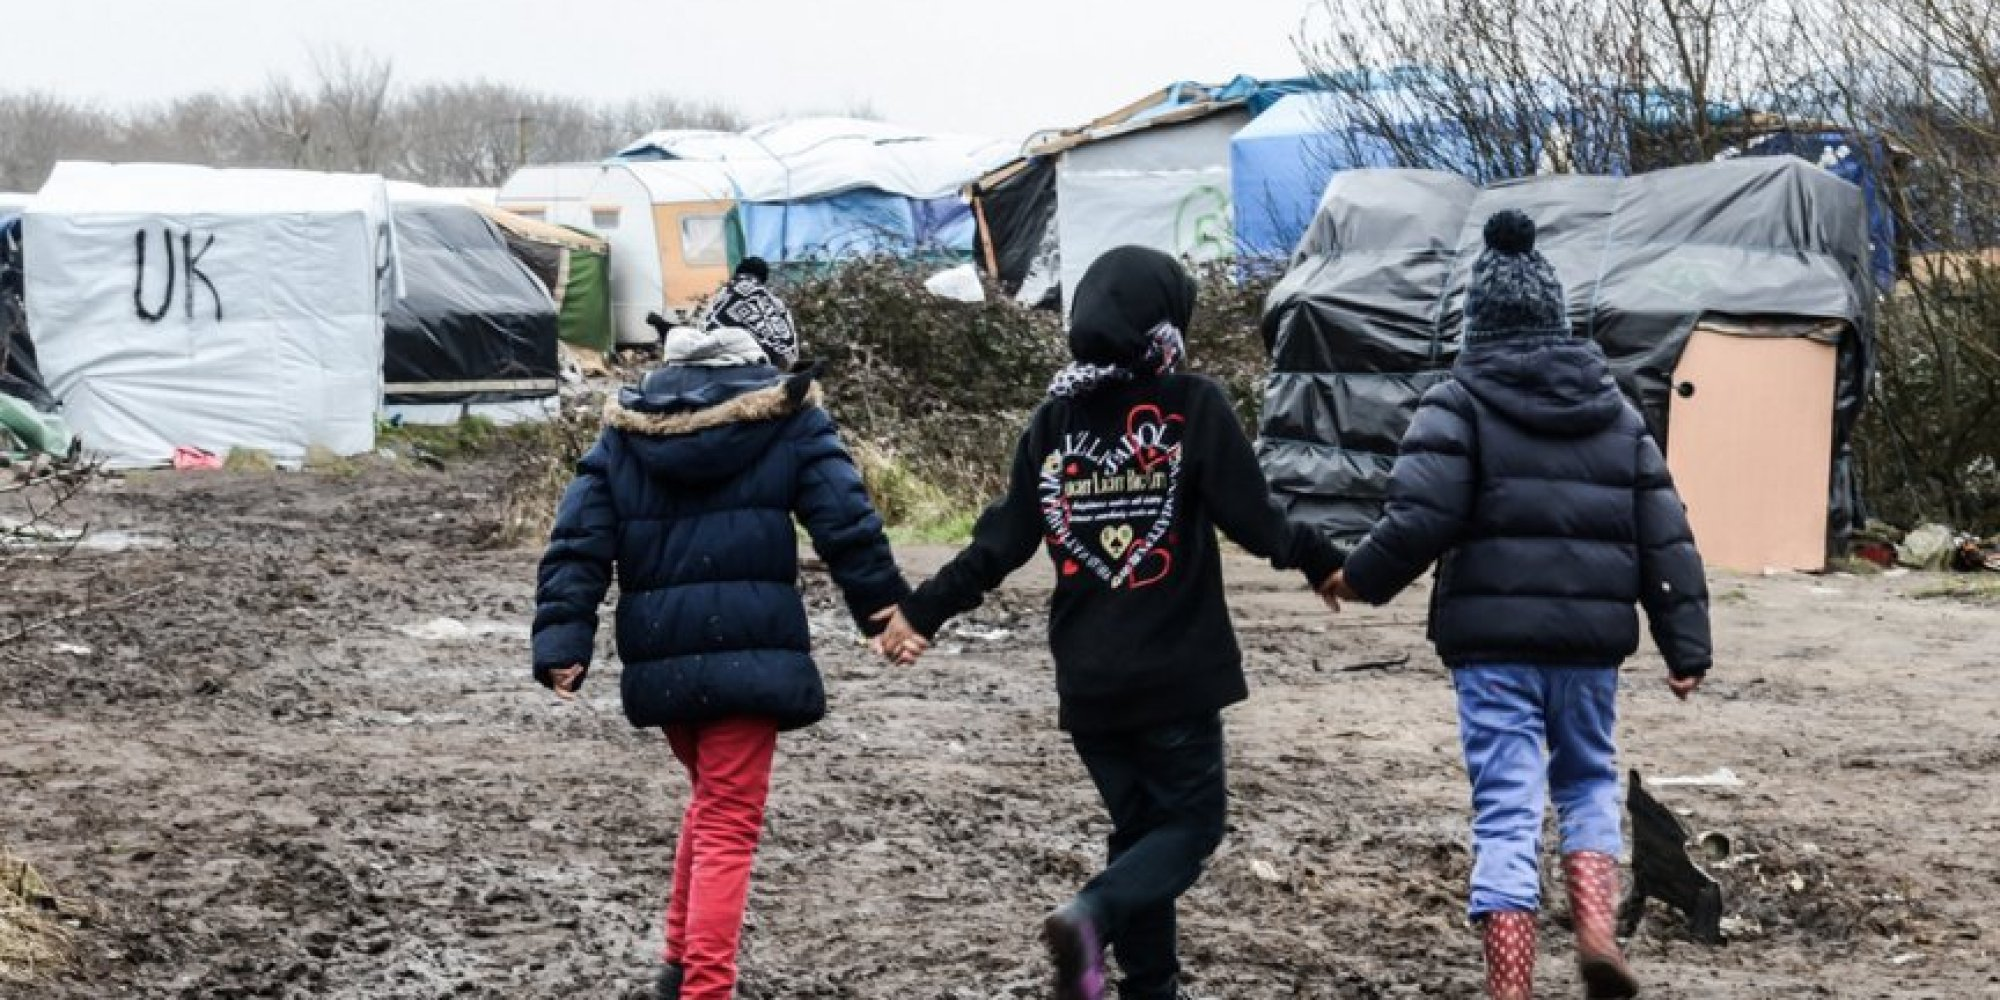 Calais_Sara_Prestianni_2016